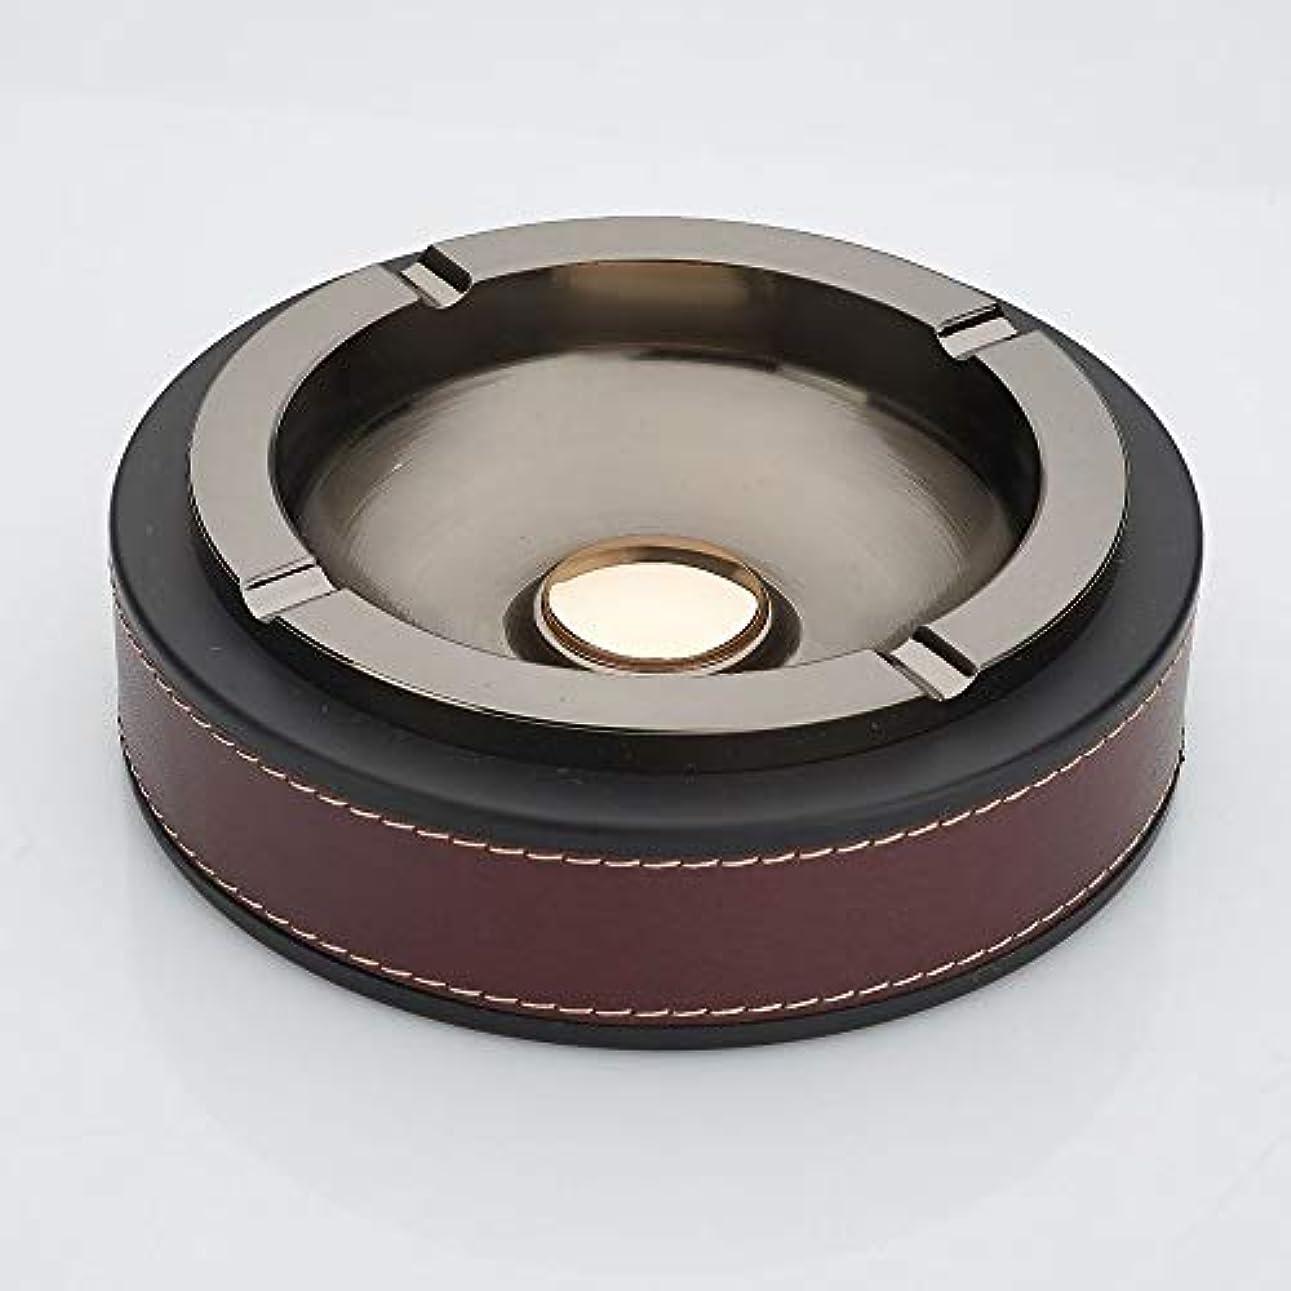 工場支払うドアミラータバコの灰皿クリエイティブ灰皿ホームデコレーション (色 : 赤)